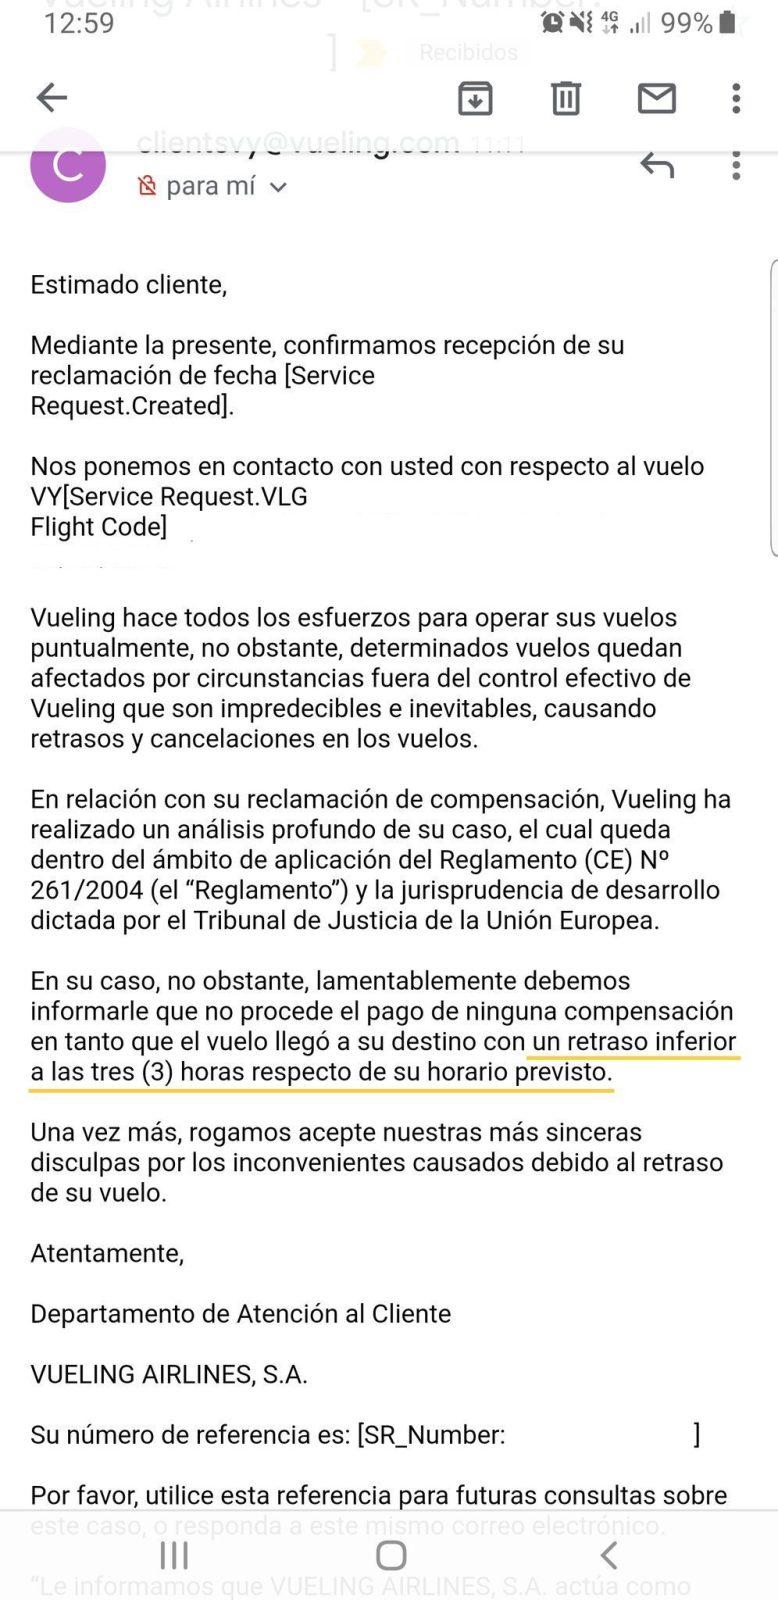 mail automático de vueling negando el retraso